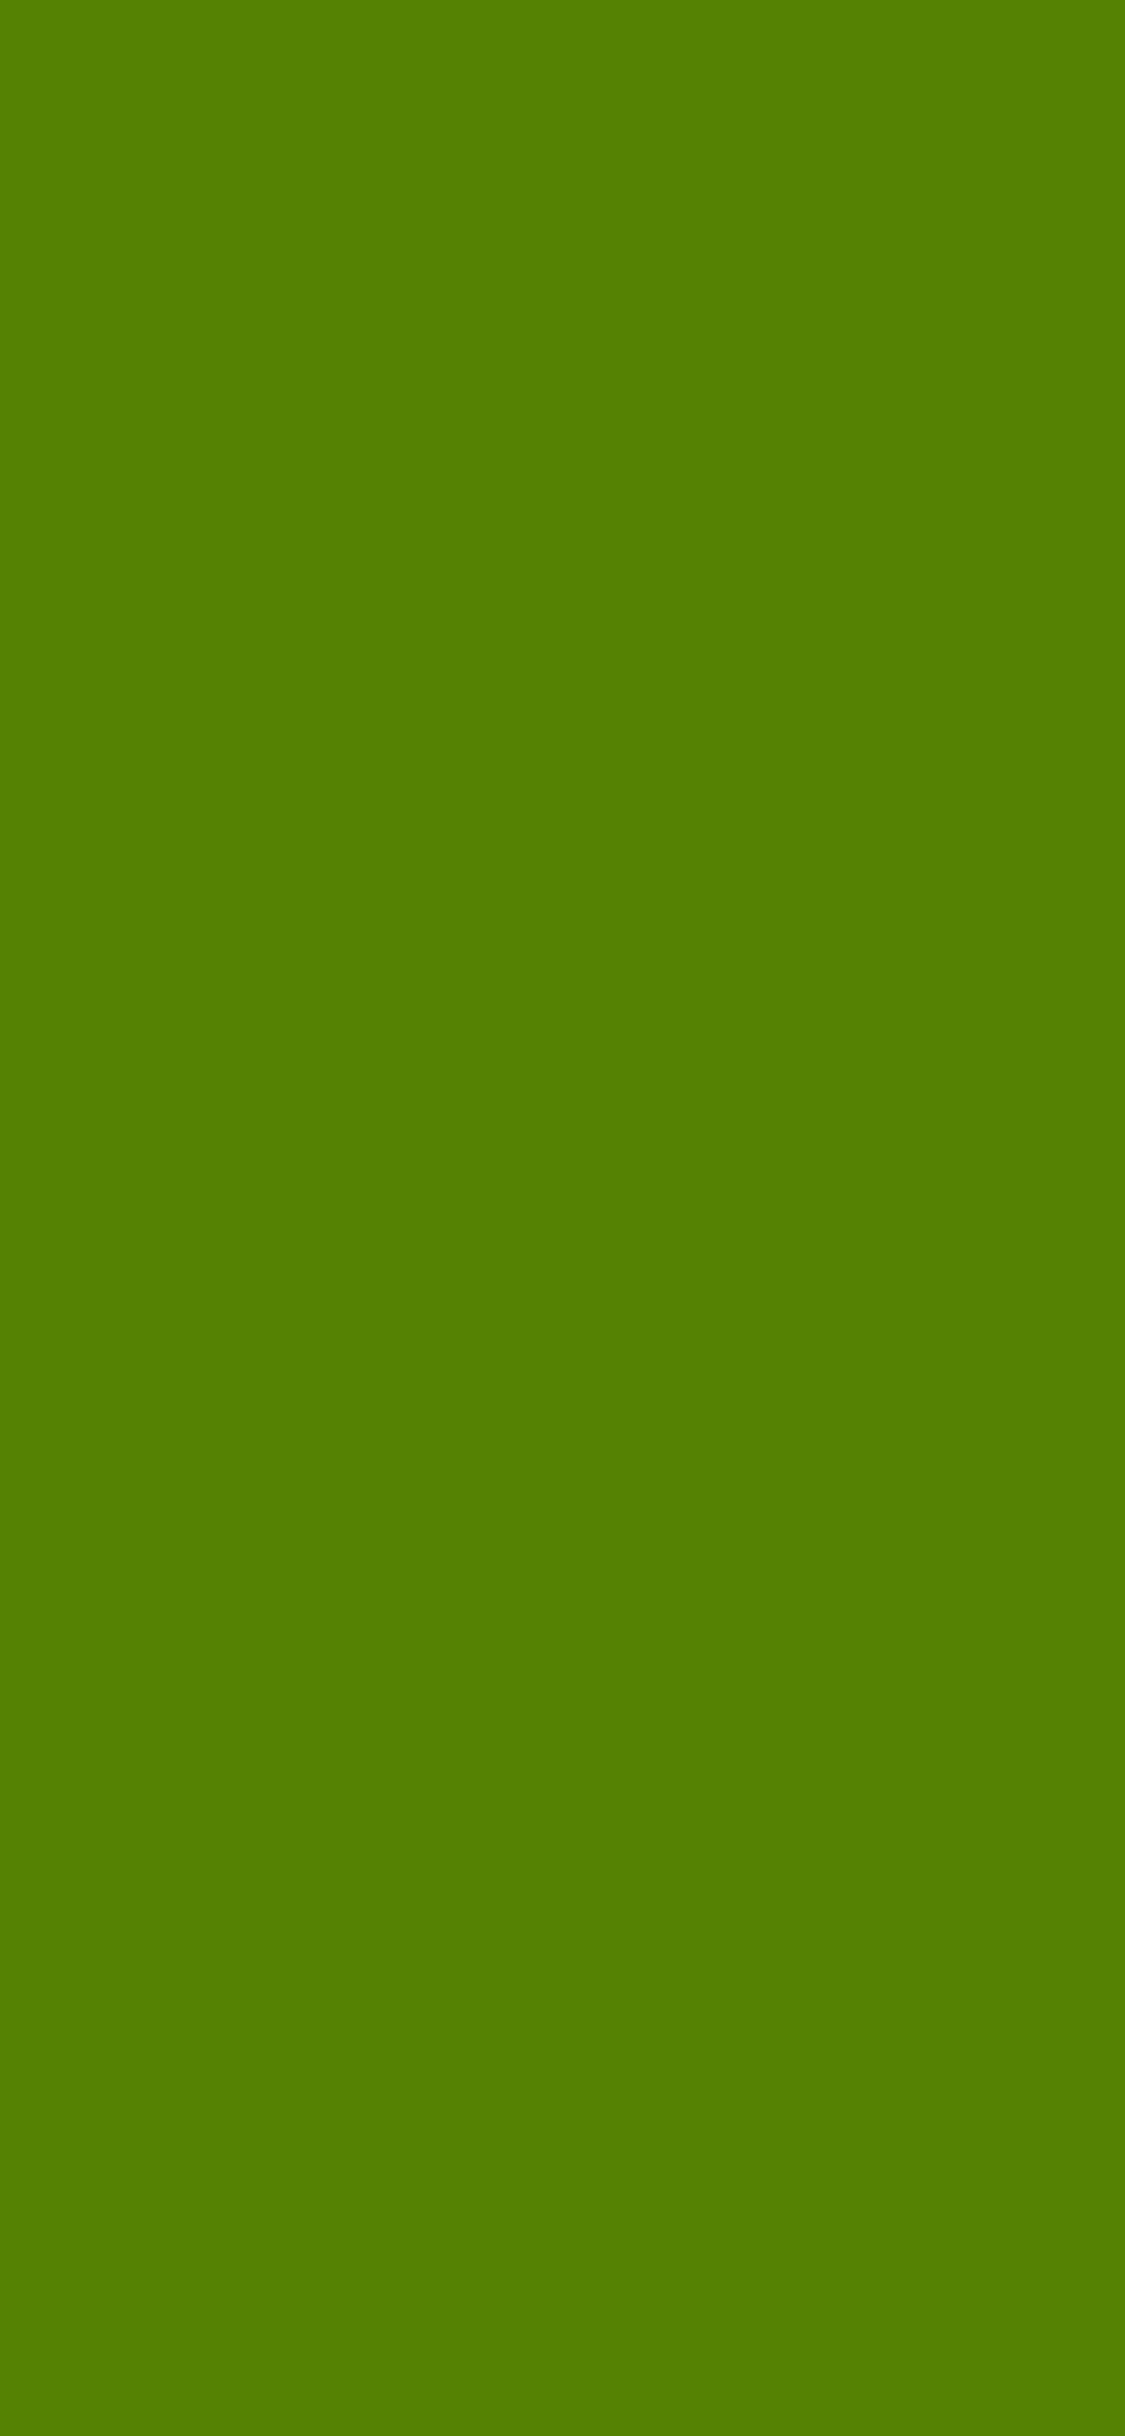 1125x2436 Avocado Solid Color Background